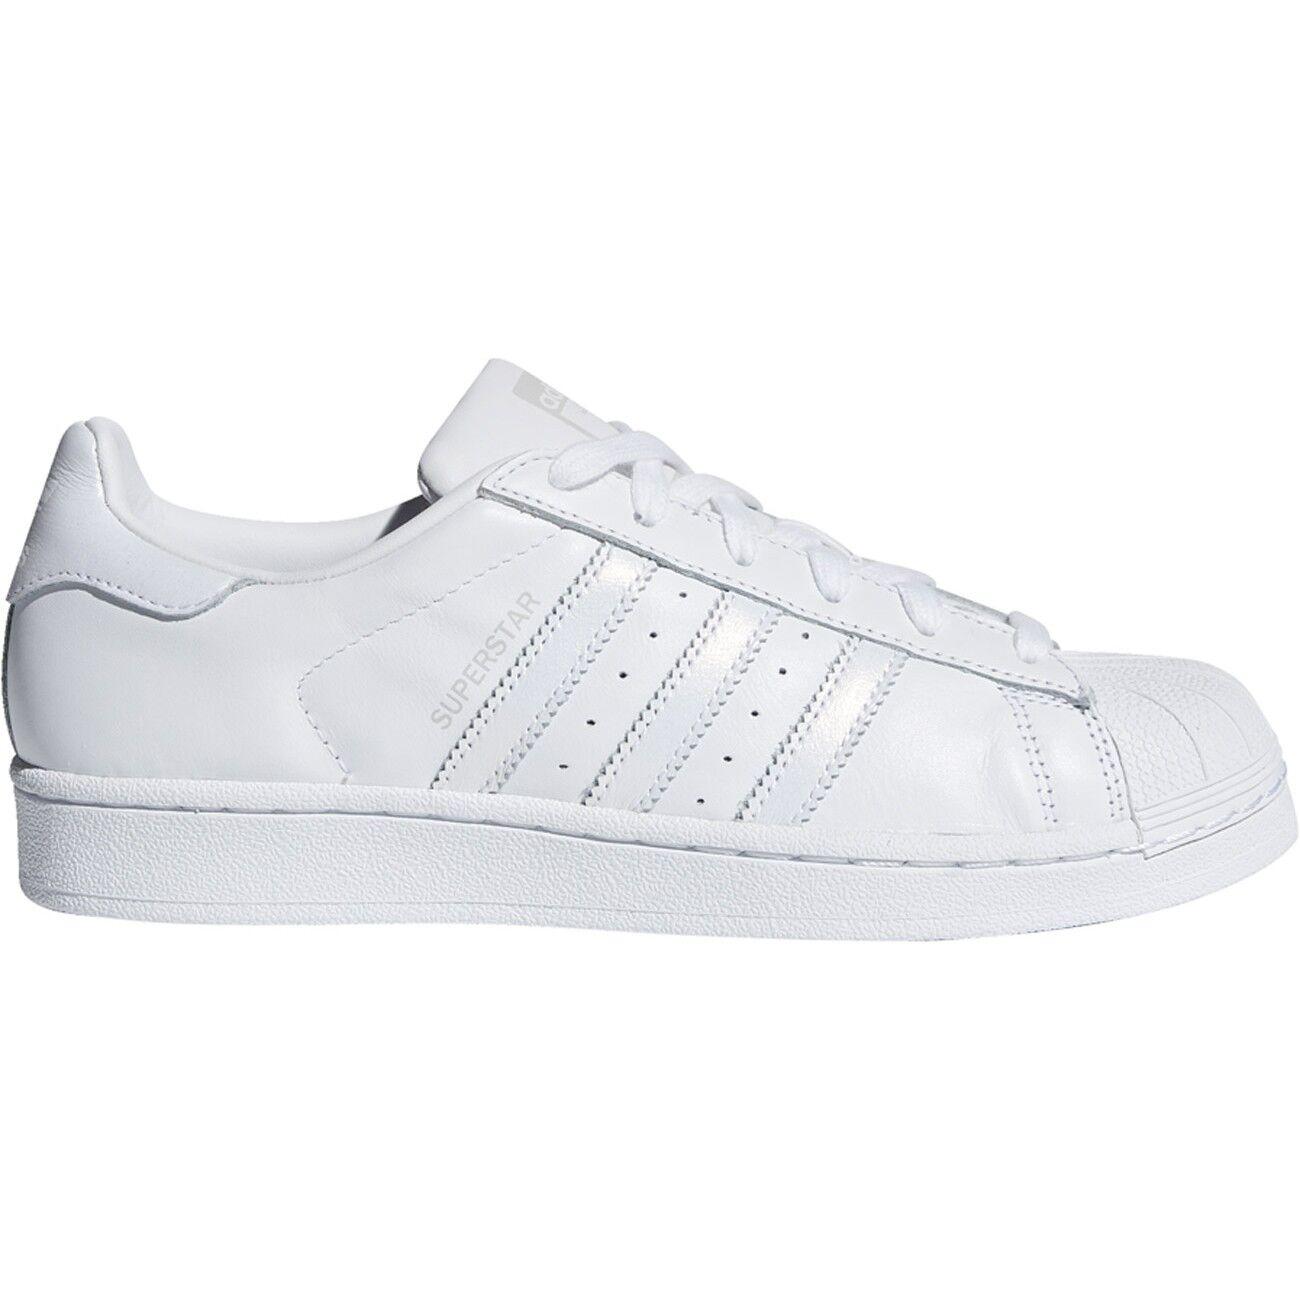 ADIDAS Originals scarpe da ginnastica Donna Superstar Superstar Superstar W | Un'apparenza Elegante  0032fa